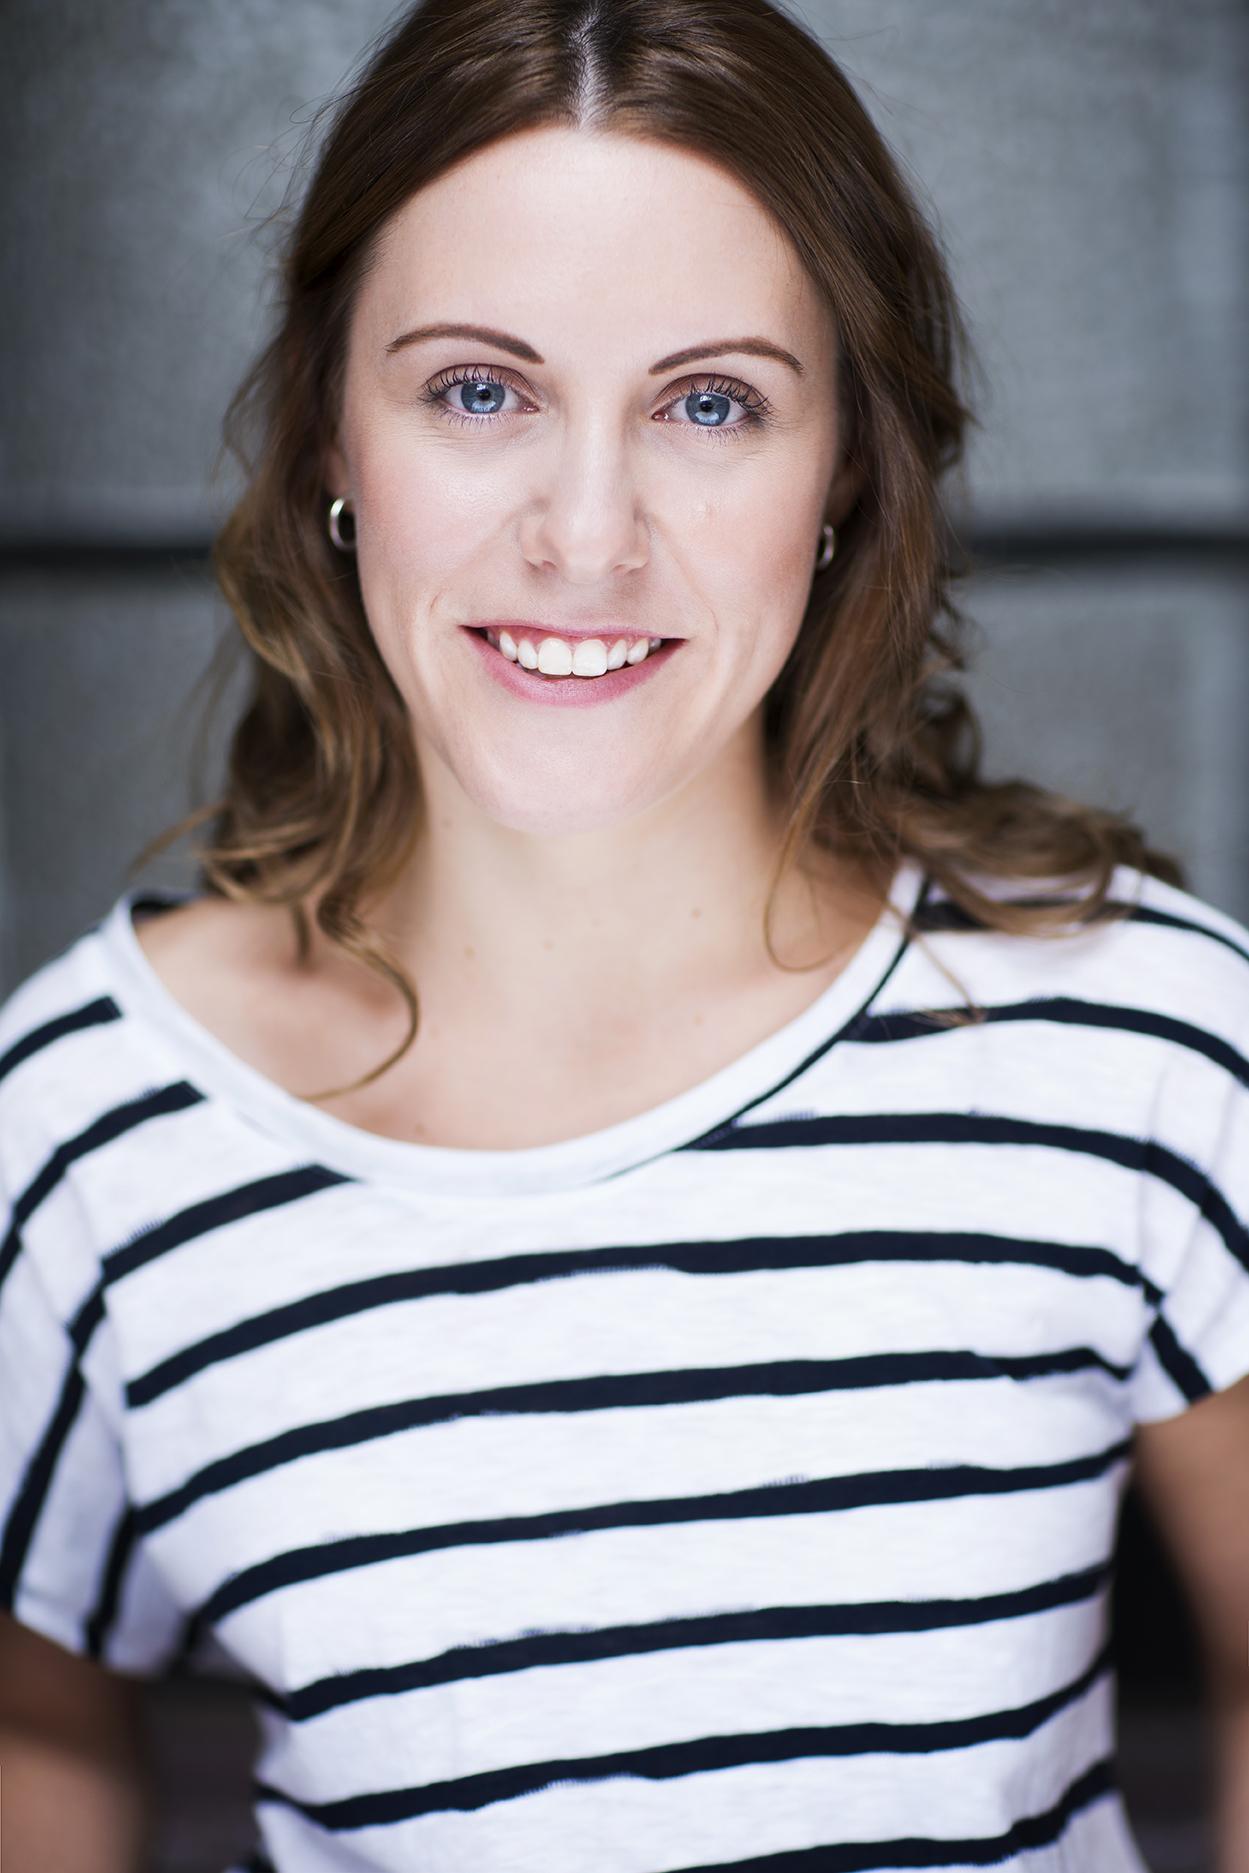 Samantha Winsor